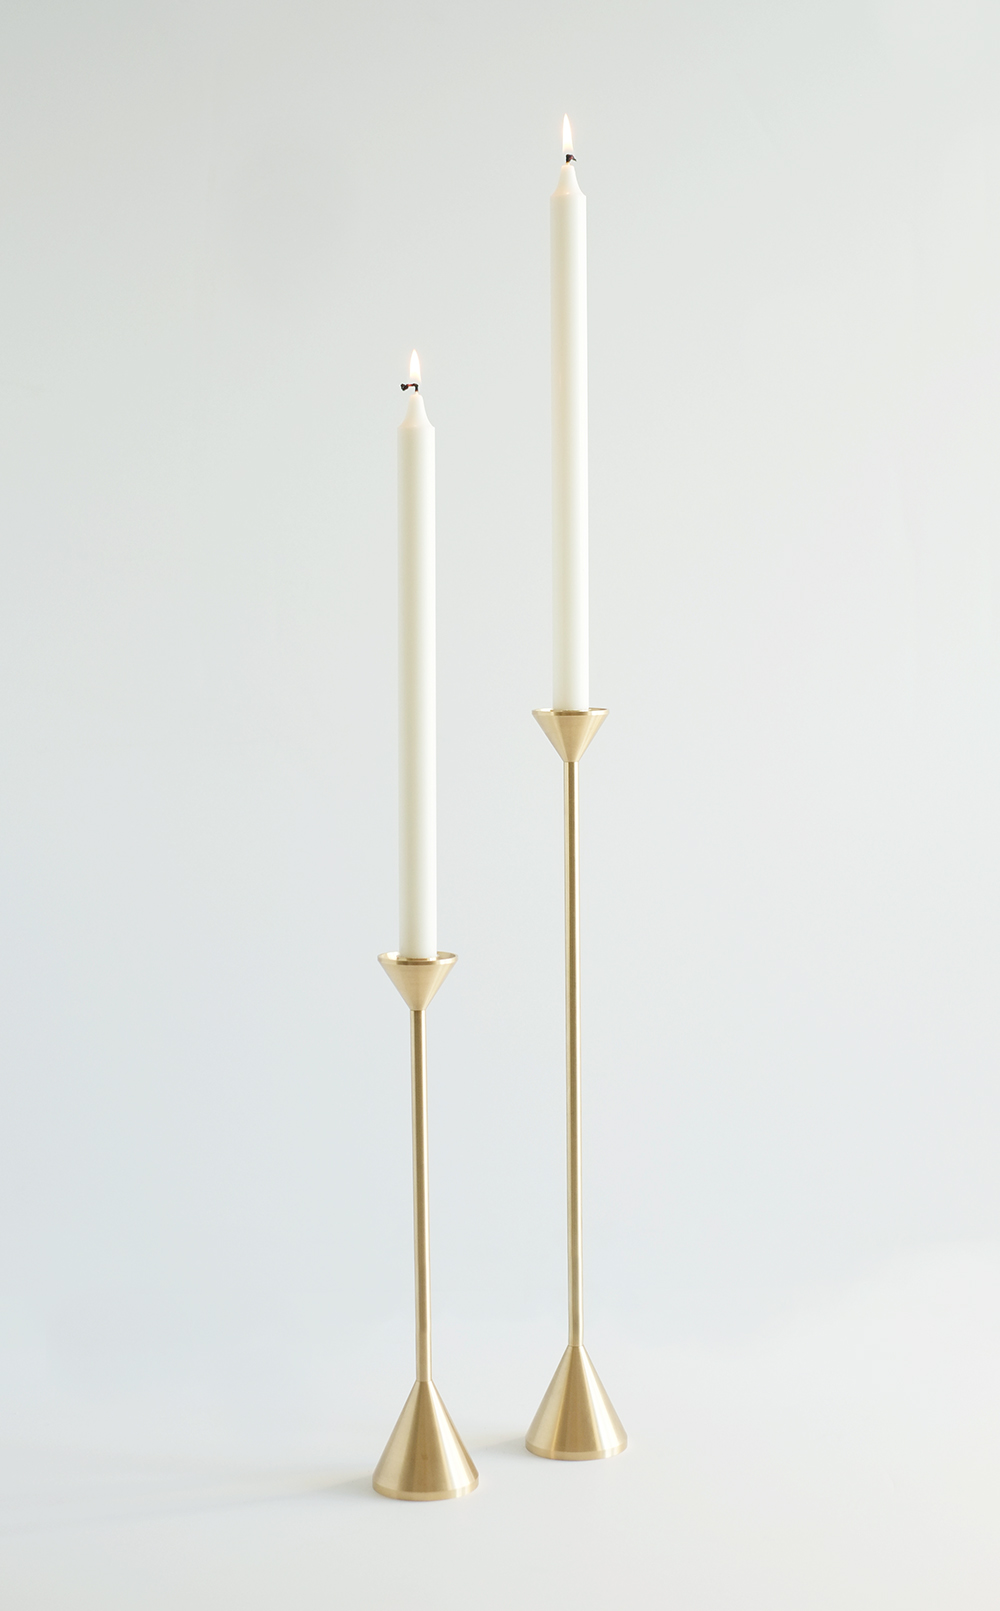 """策展人:烛台本身并不会""""抢了蜡烛的风头"""",但却不失存在感,低调中散发出自身的韵味。 - 这款烛台高大简约的设计为其增添了一份现代感,在任何起居或用餐室里,它都能营造出一种优雅的气息。由实心黄铜加工而成,既彰显出了展示了黄铜的厚重,也衬托出制造这款烛台工具的精巧。"""